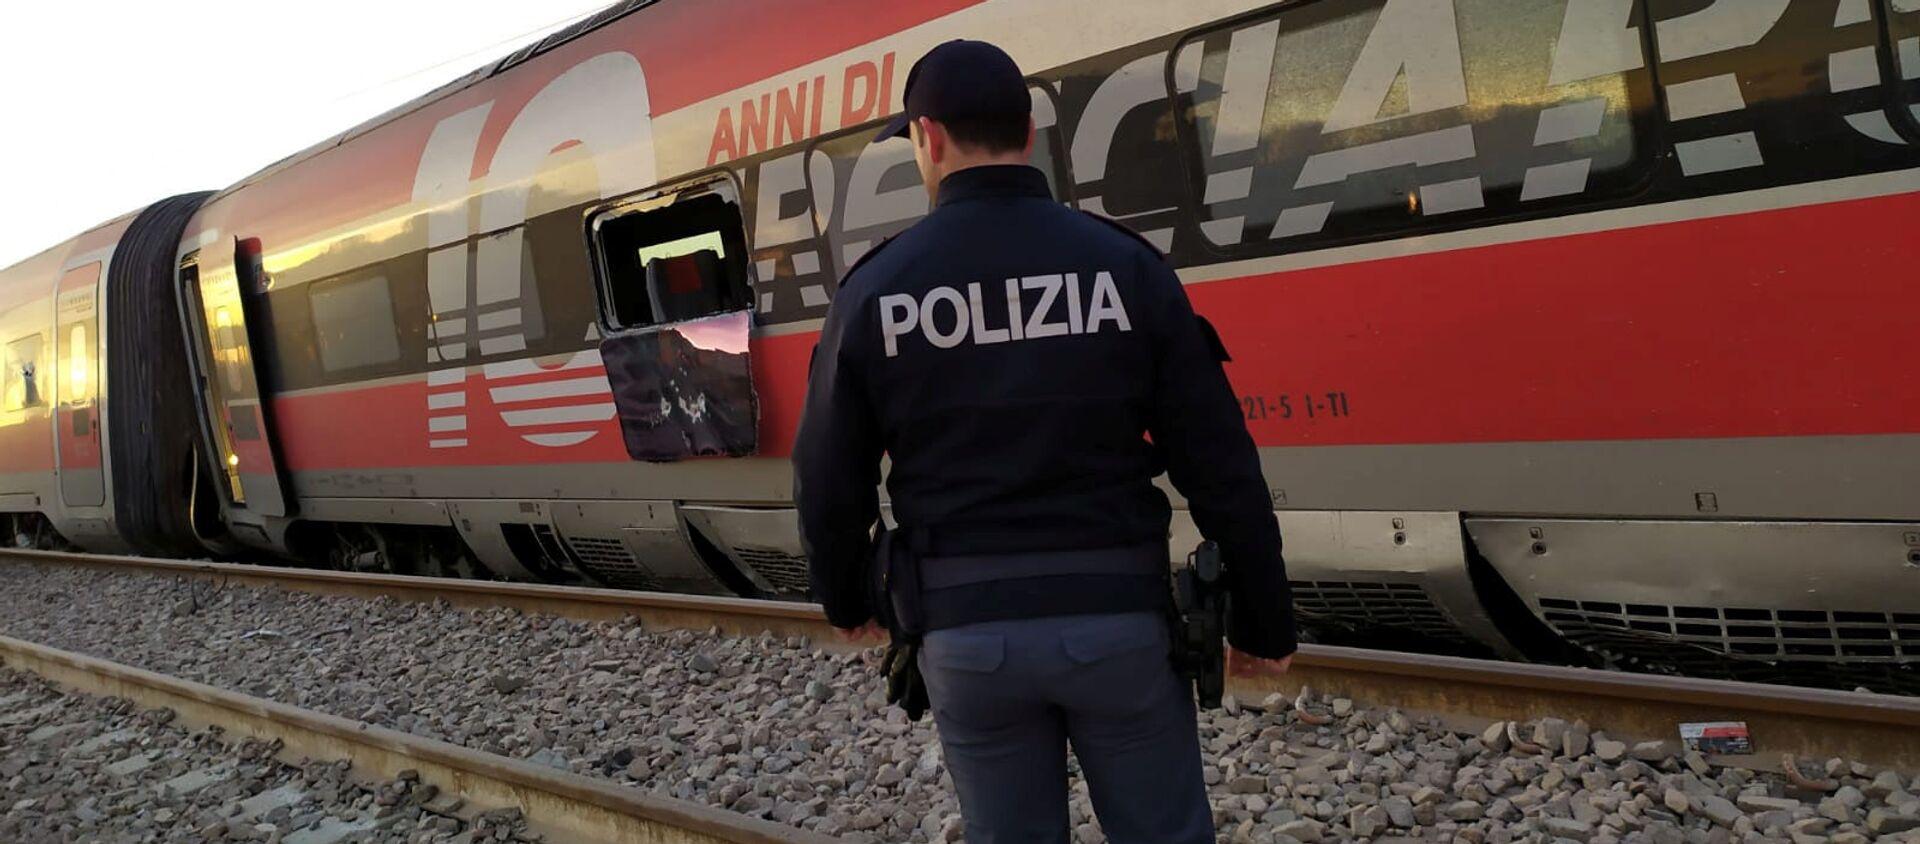 Tren descarrilado en Italia - Sputnik Mundo, 1920, 06.02.2020